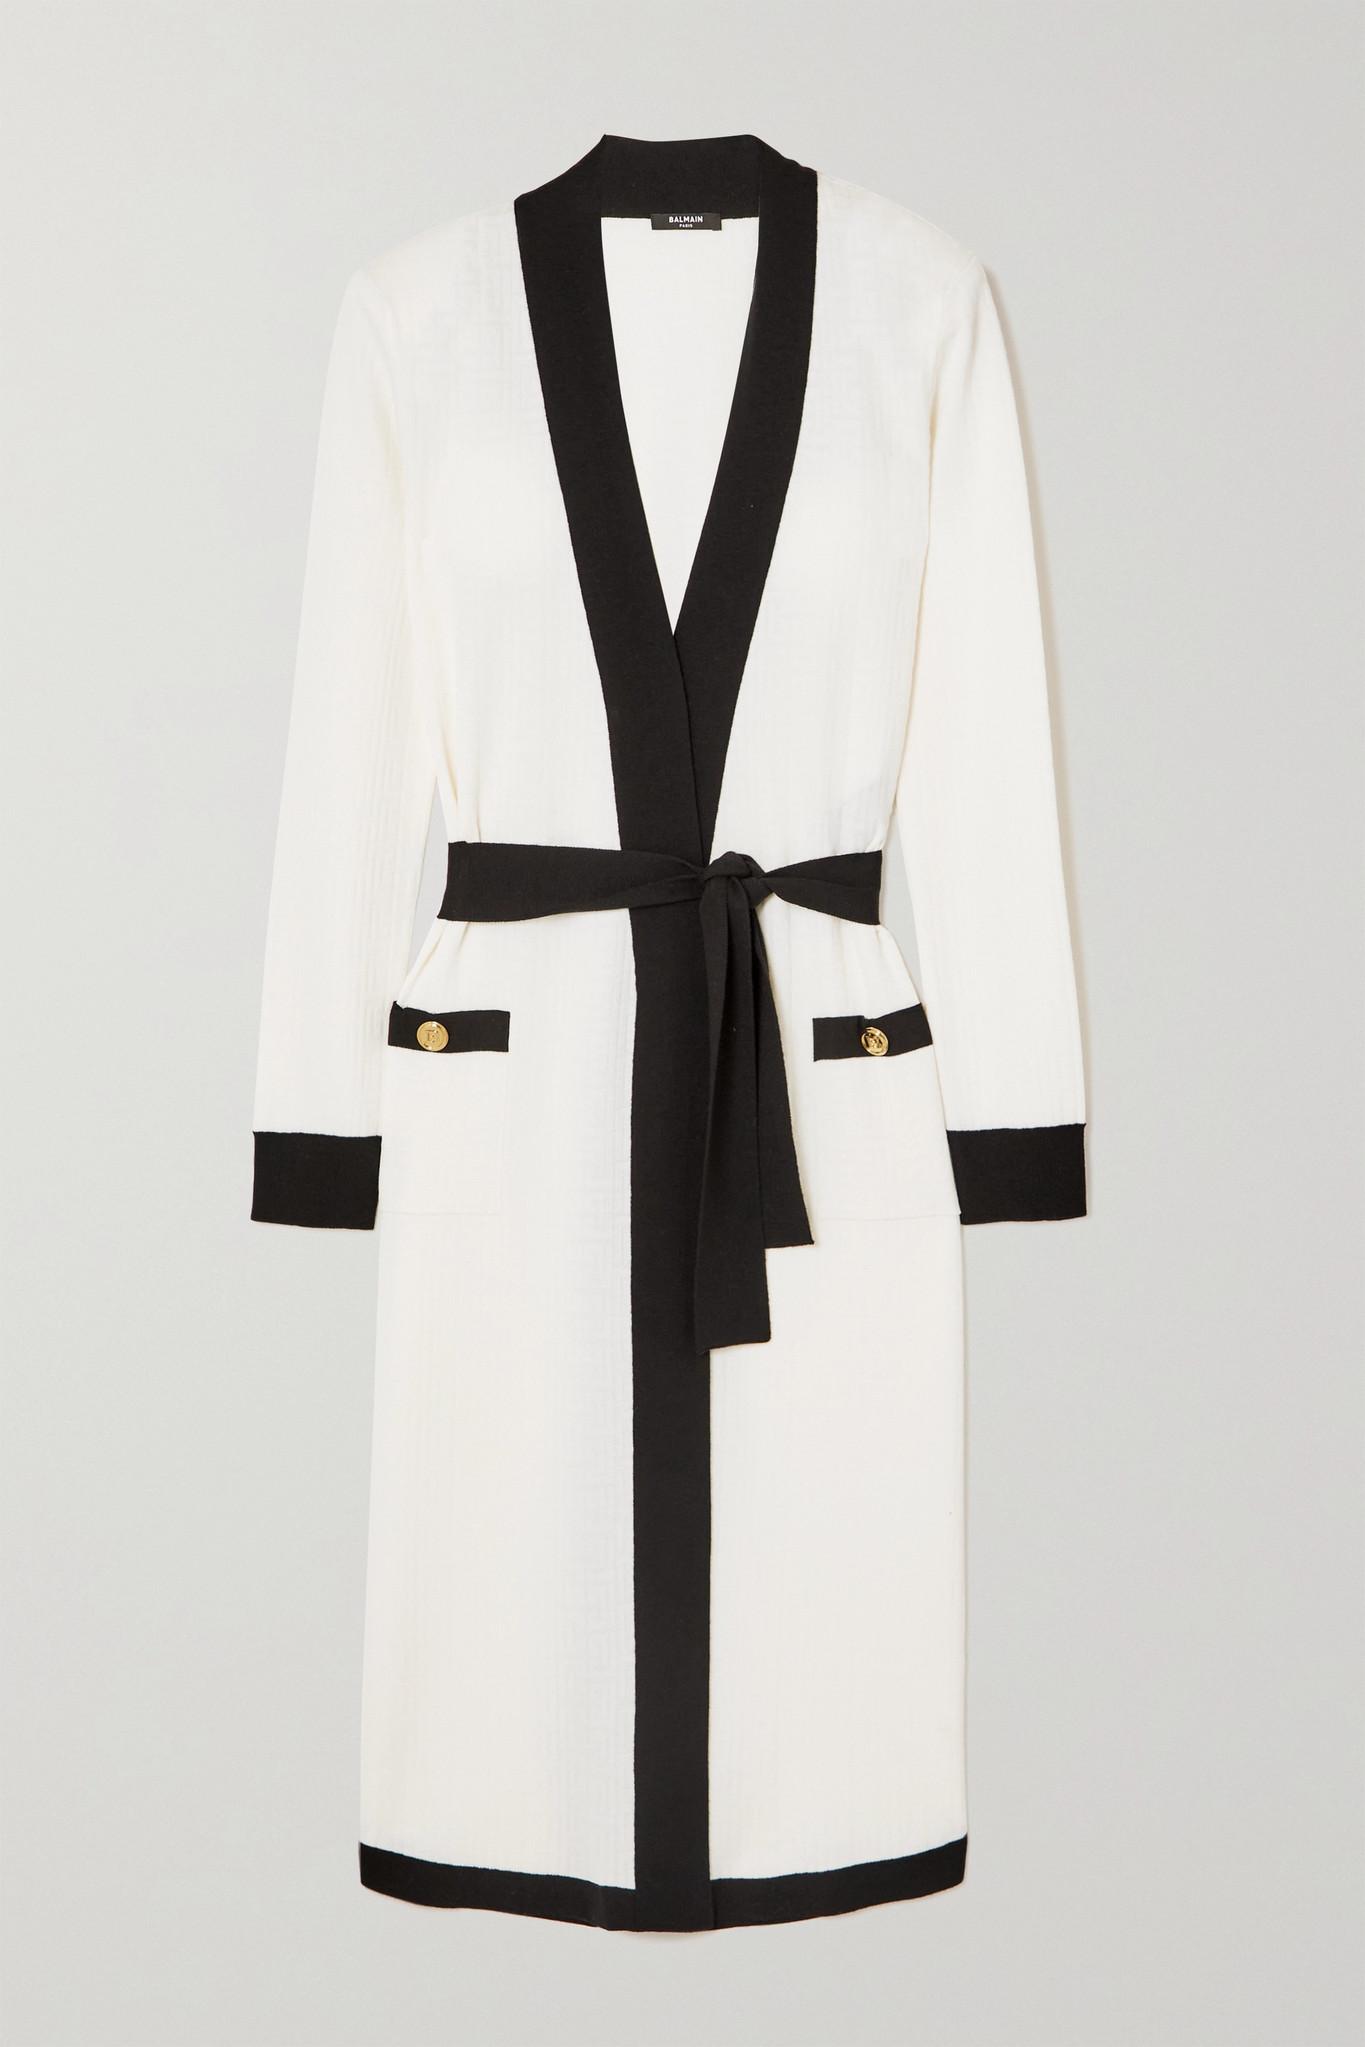 BALMAIN - 配腰带双色提花针织羊毛混纺开襟衫 - 白色 - FR36